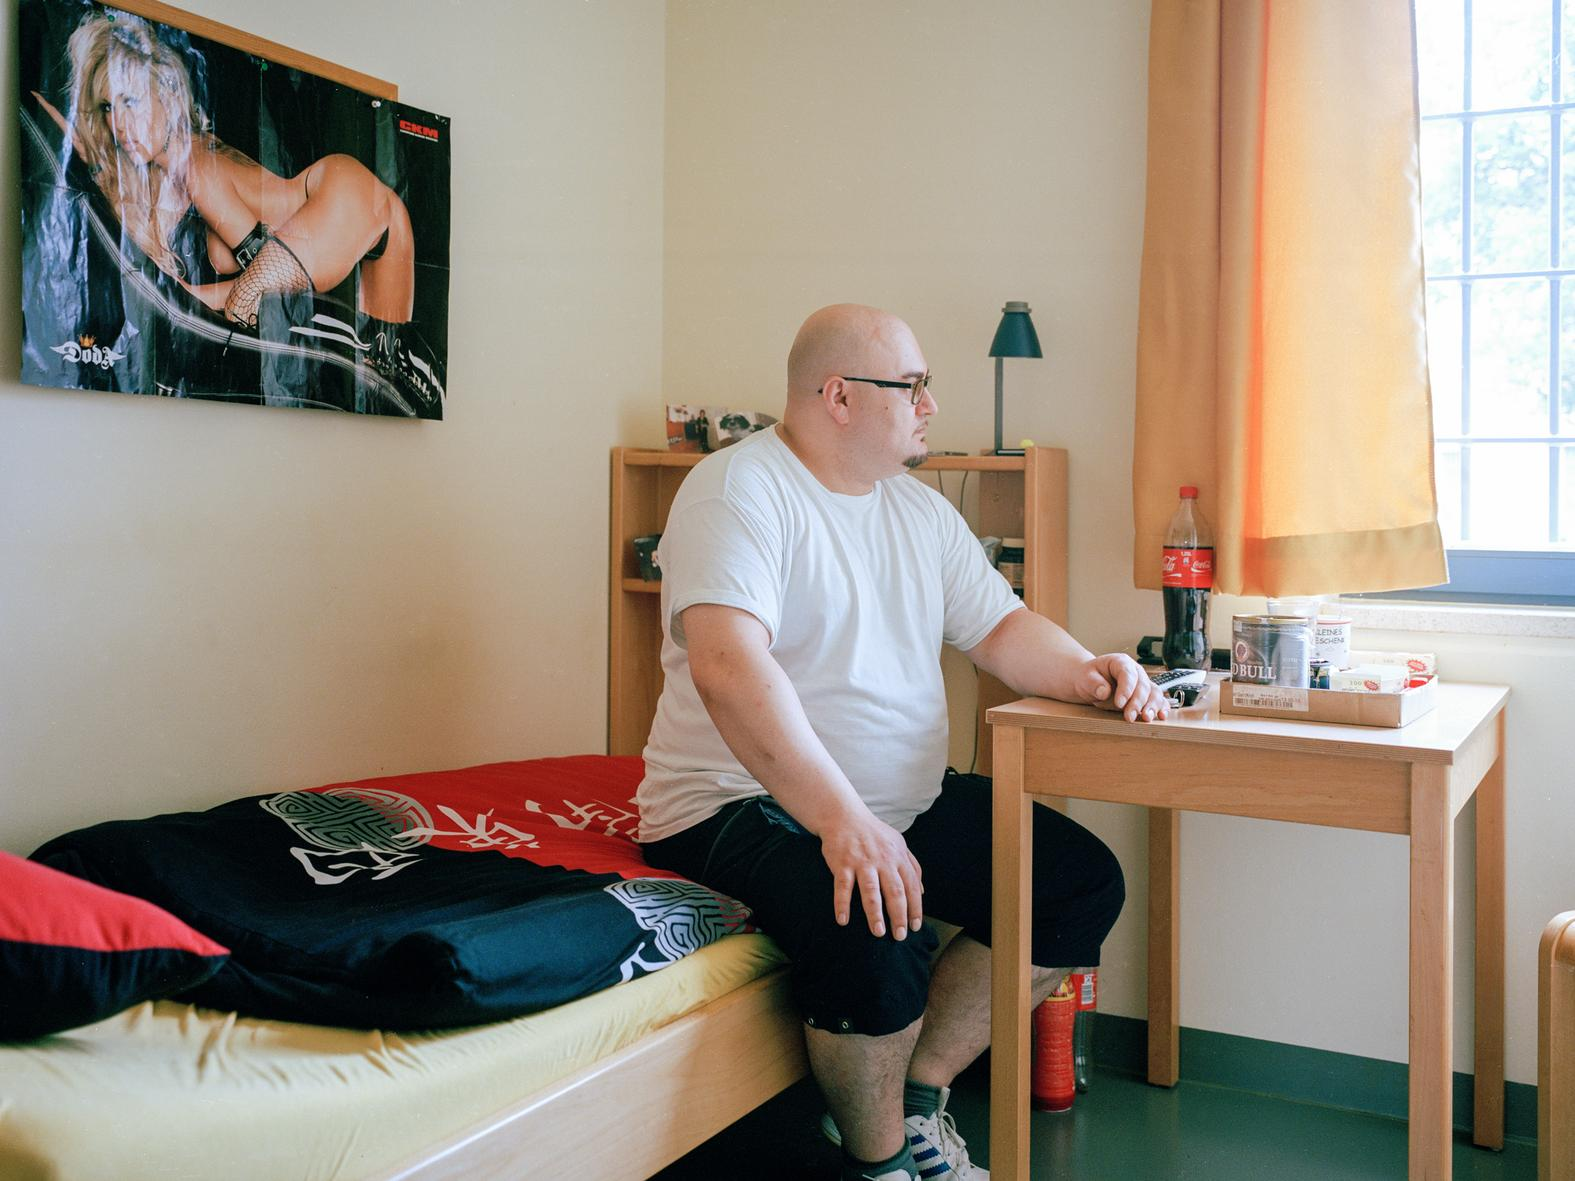 Single sehnde Günstige Wohnung Sehnde mieten, Wohnungen bis EUR bei